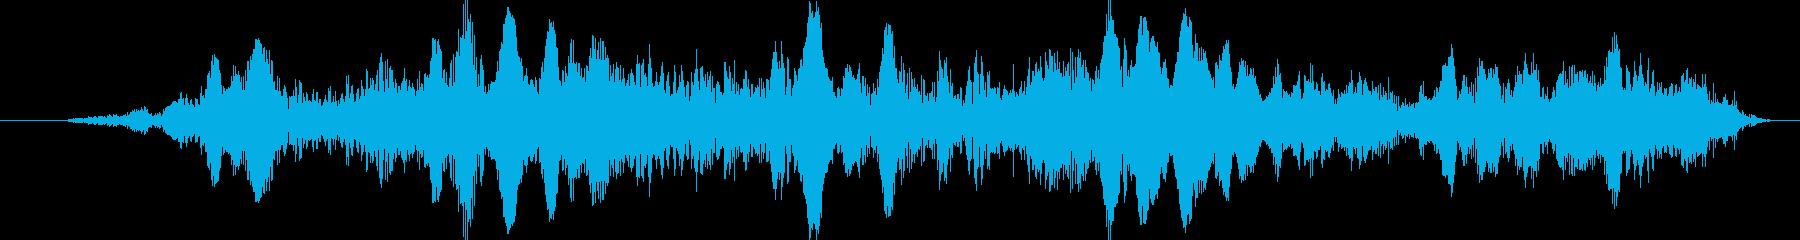 UFOキャッチャーっぽい音の再生済みの波形